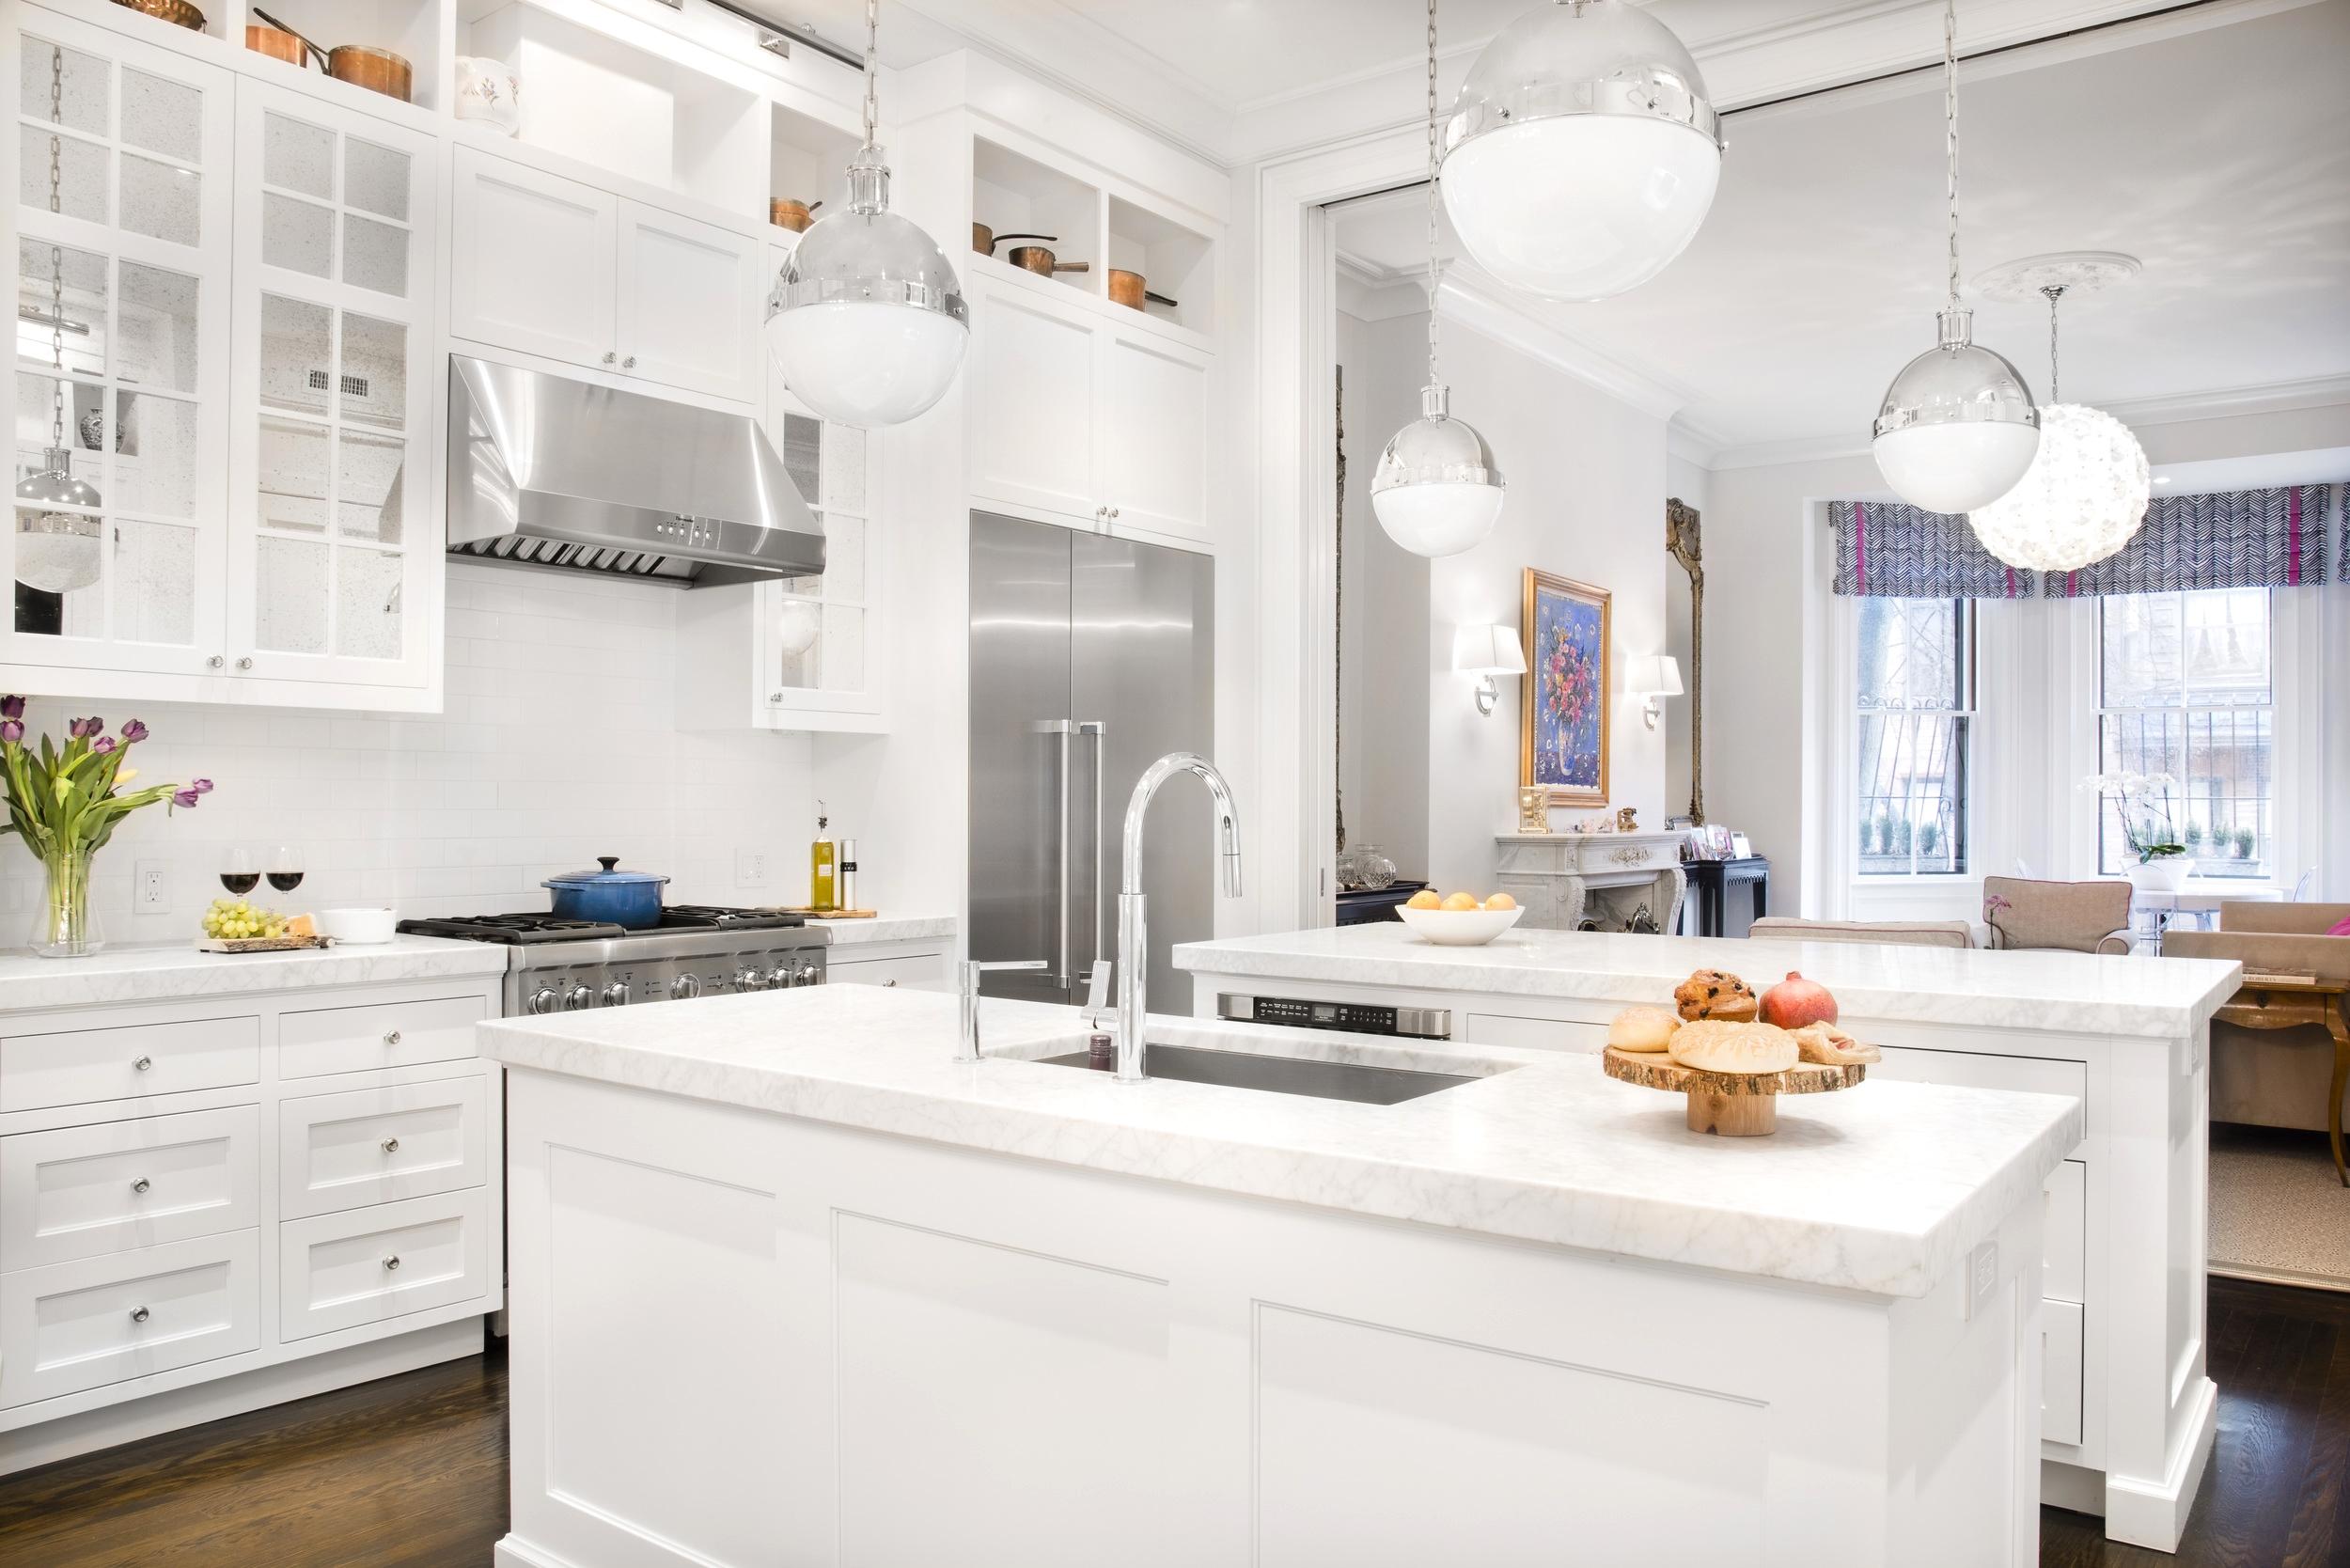 kitchenexeter2a copy.jpg